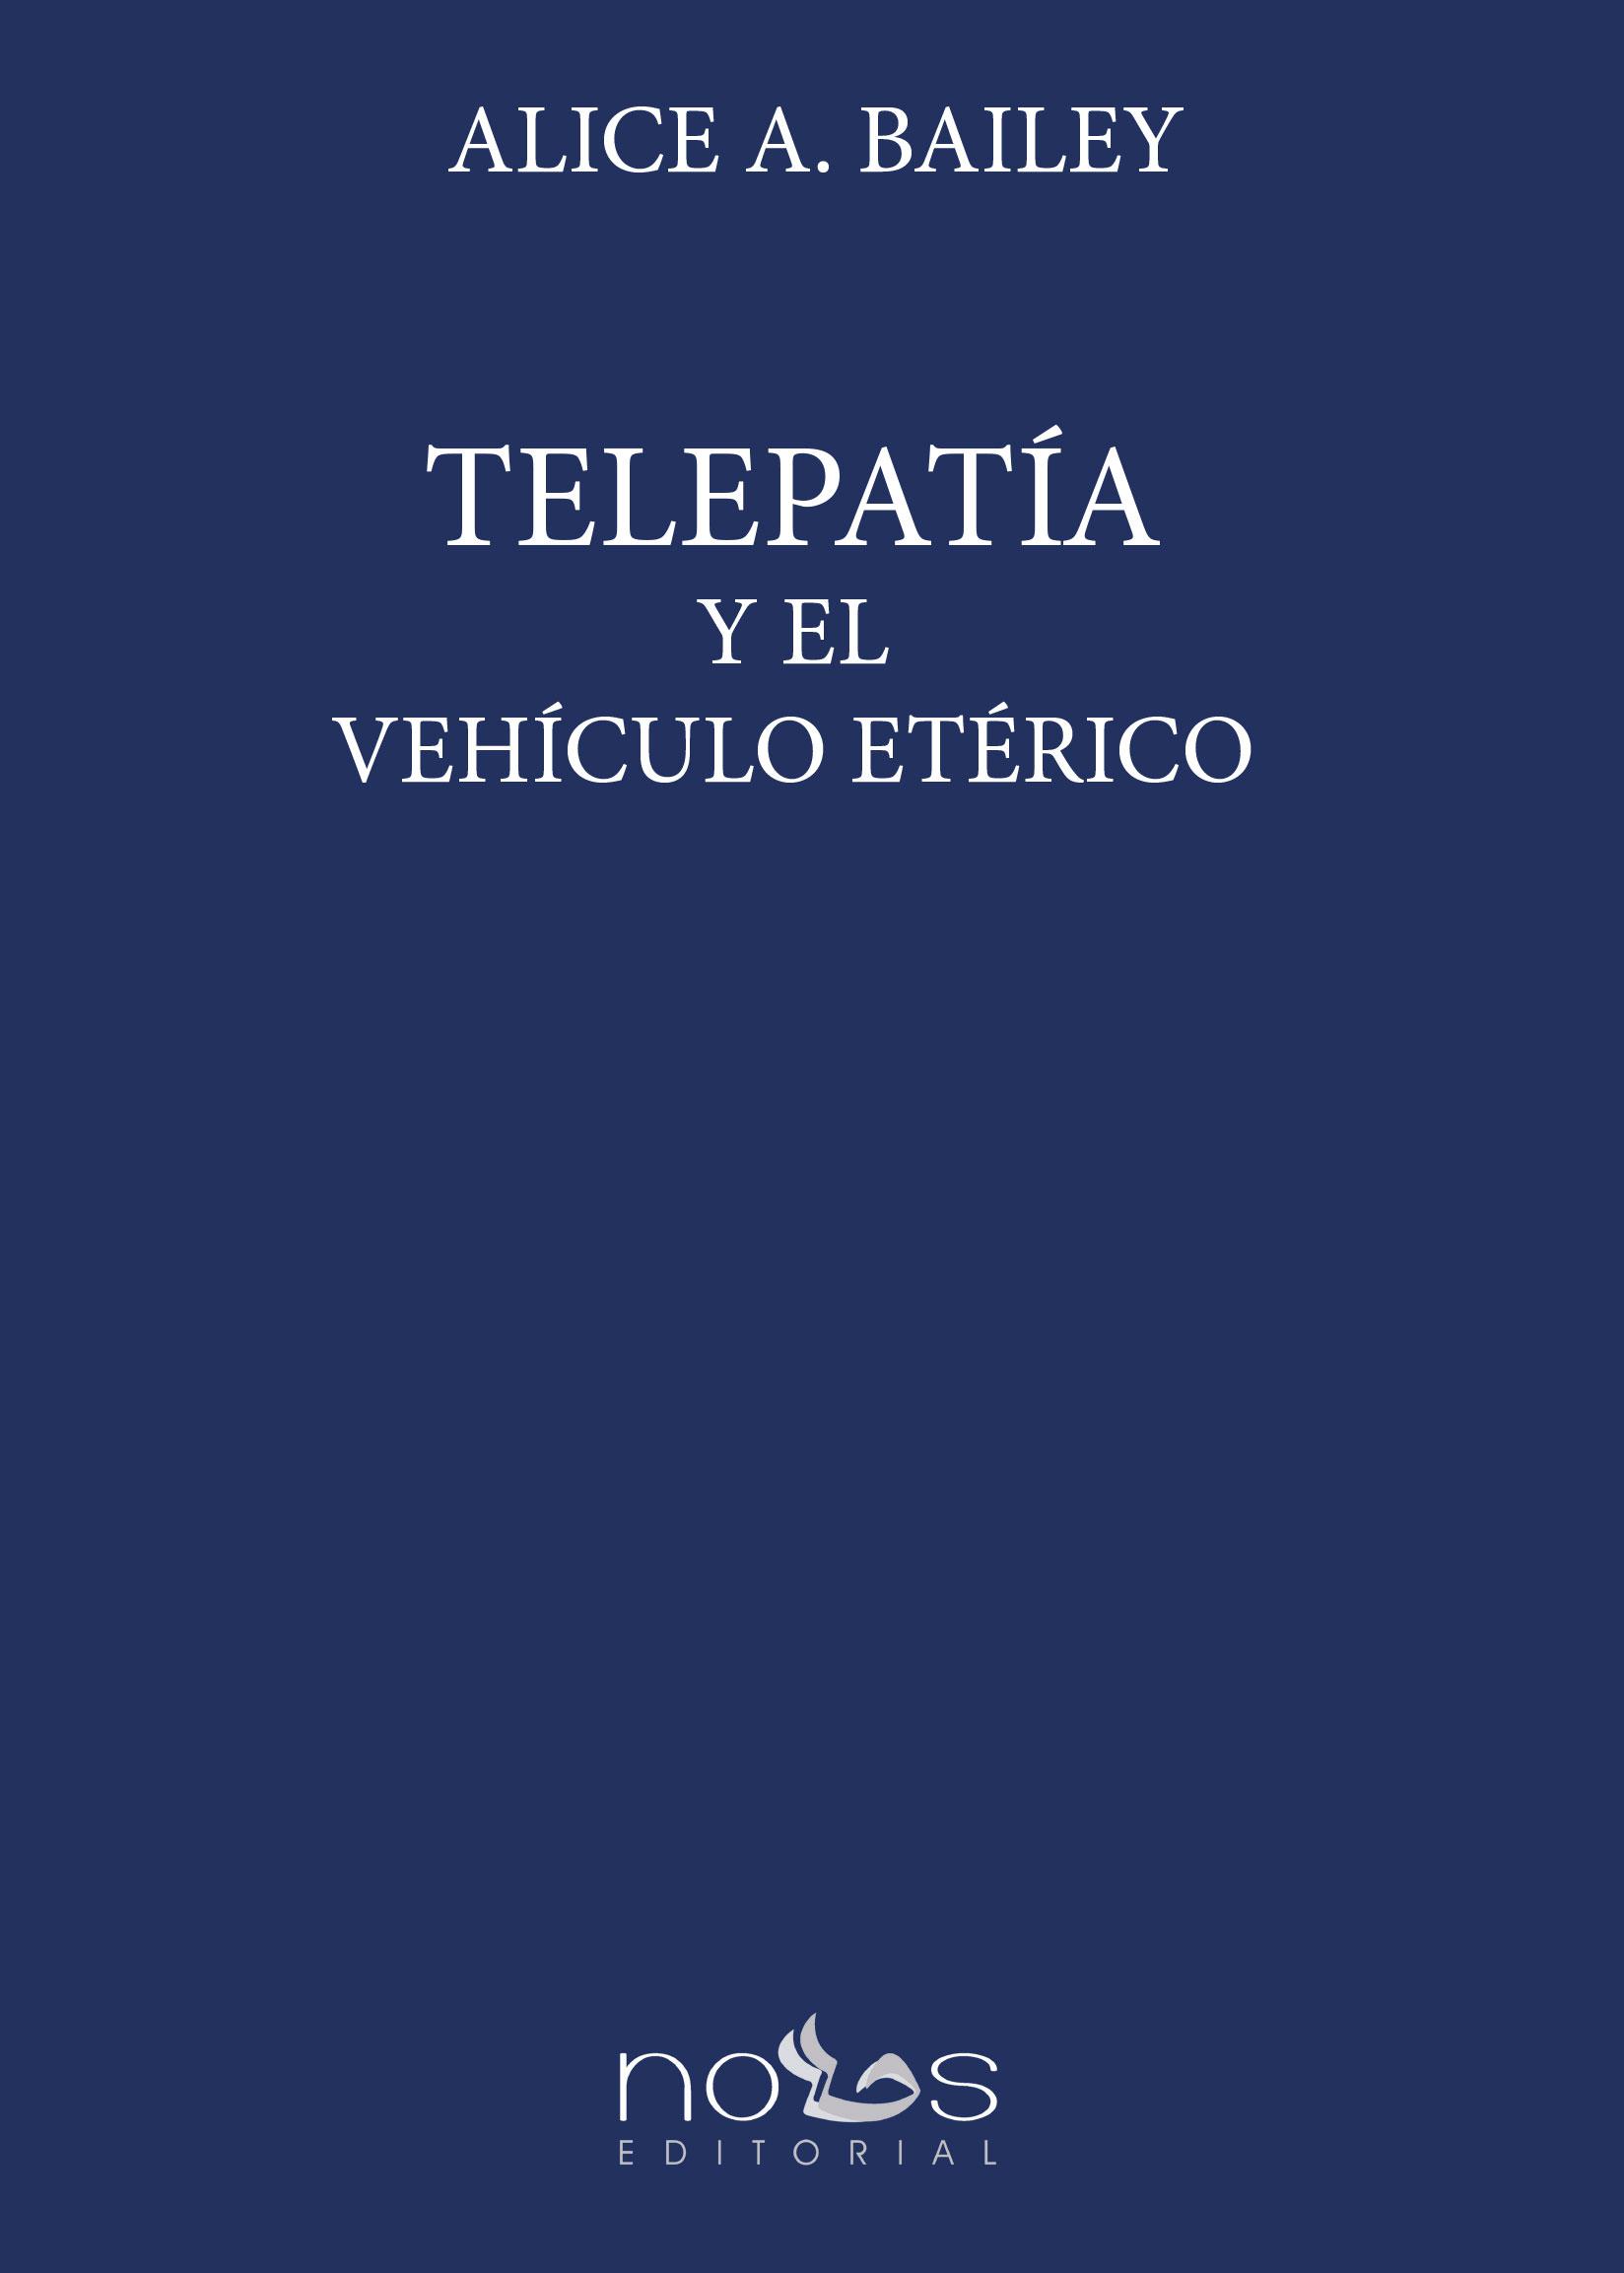 Telepatía y el cuerpo etérico